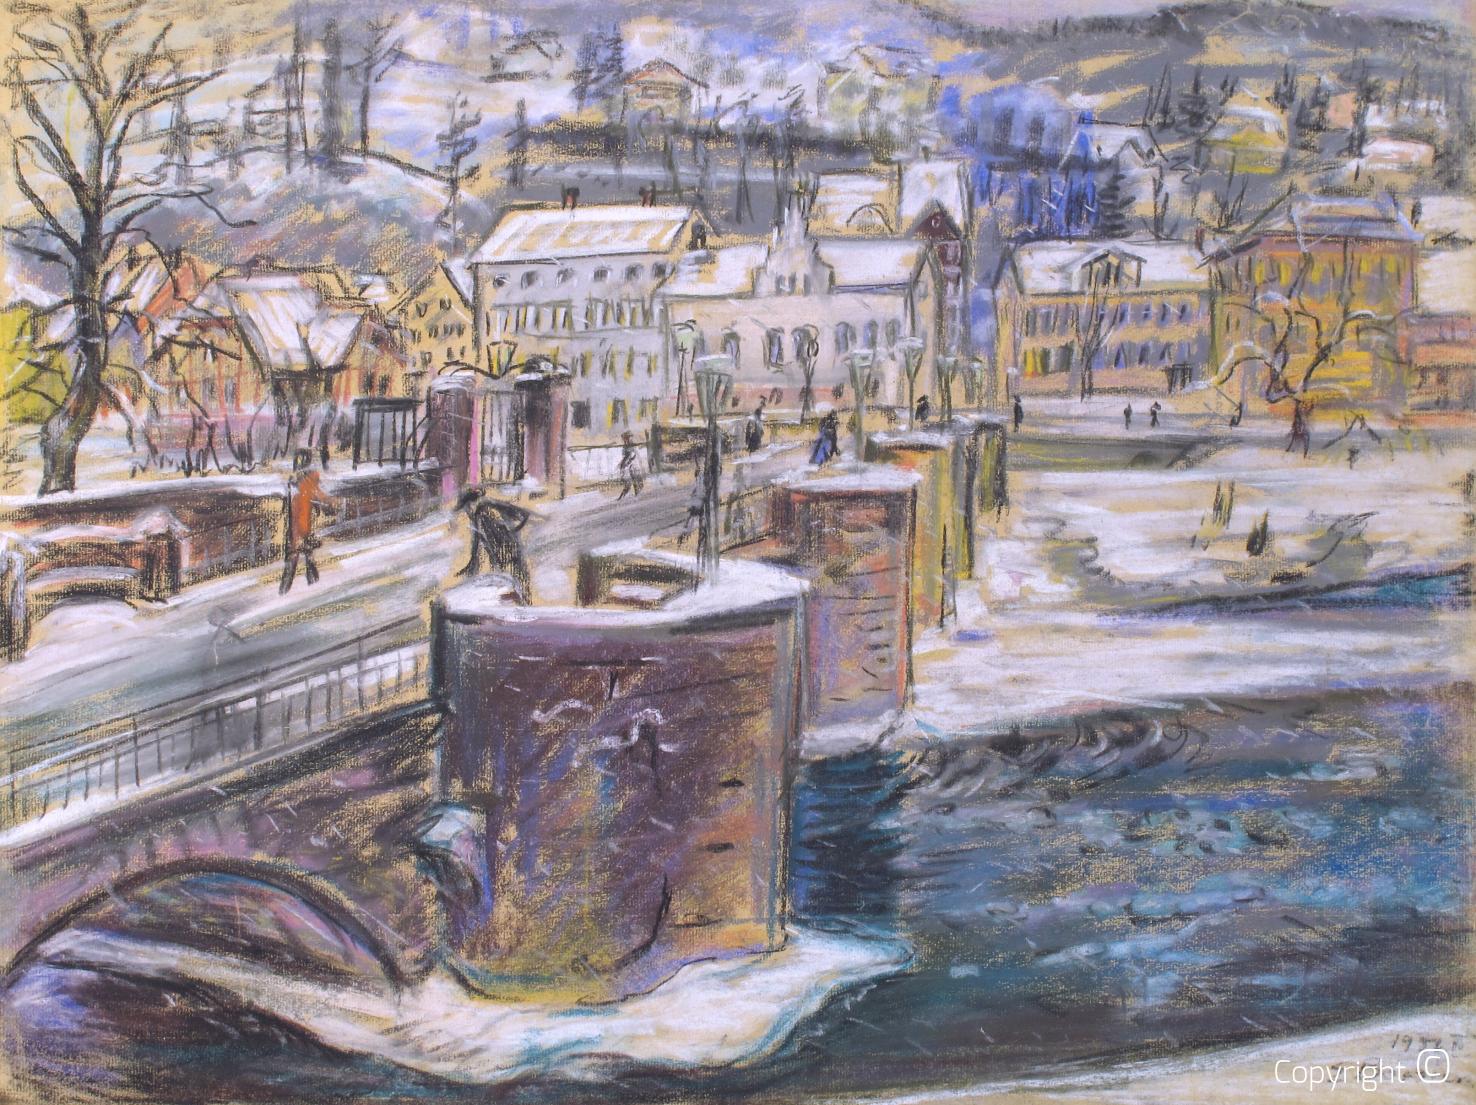 Werkverzeichnis N° 1457 - Werrabrücke in Hannoversch Münden im Winter, 1956